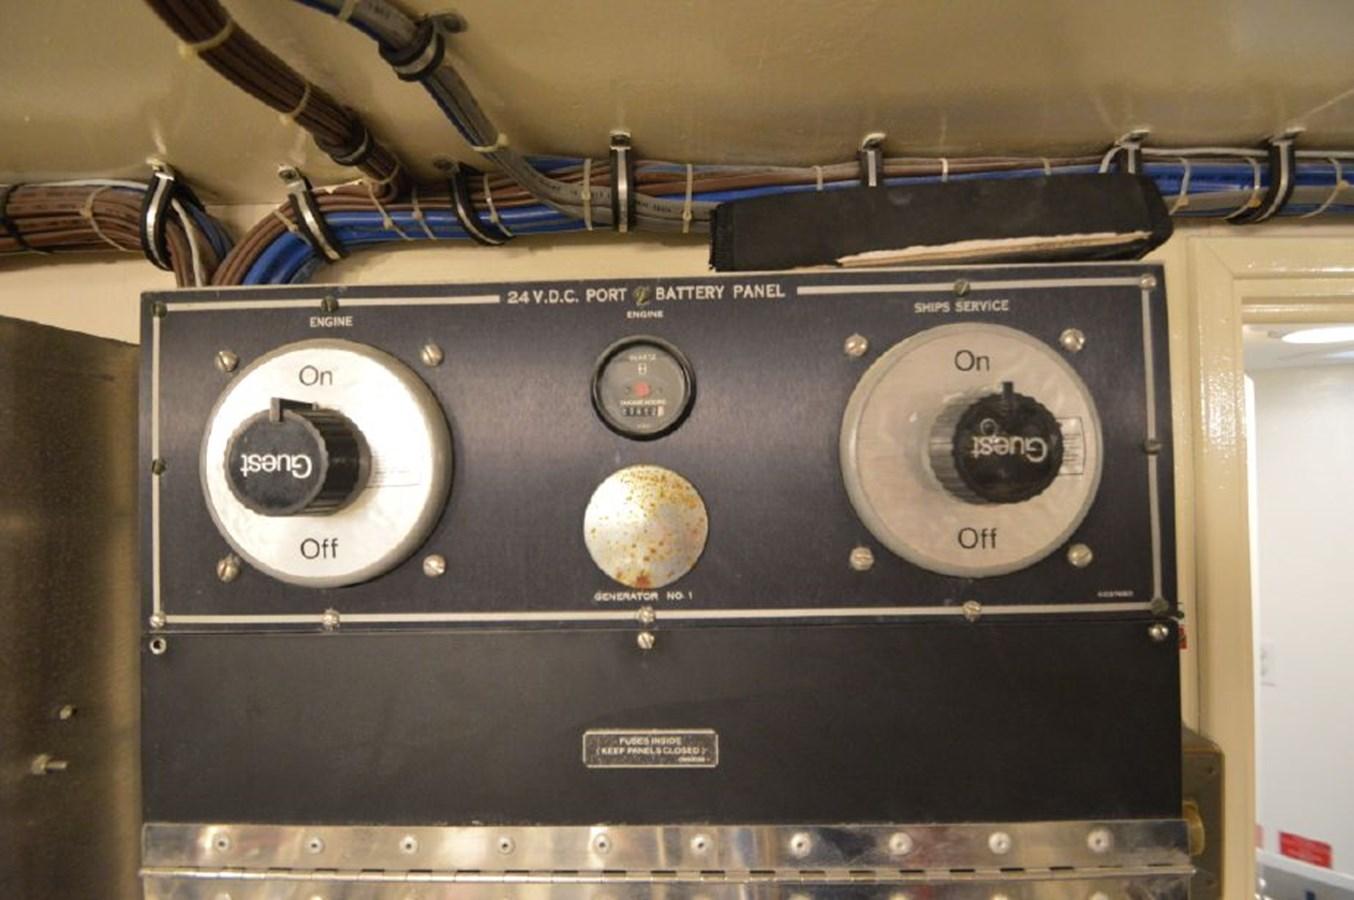 Port Engine Hours - 54 HATTERAS For Sale